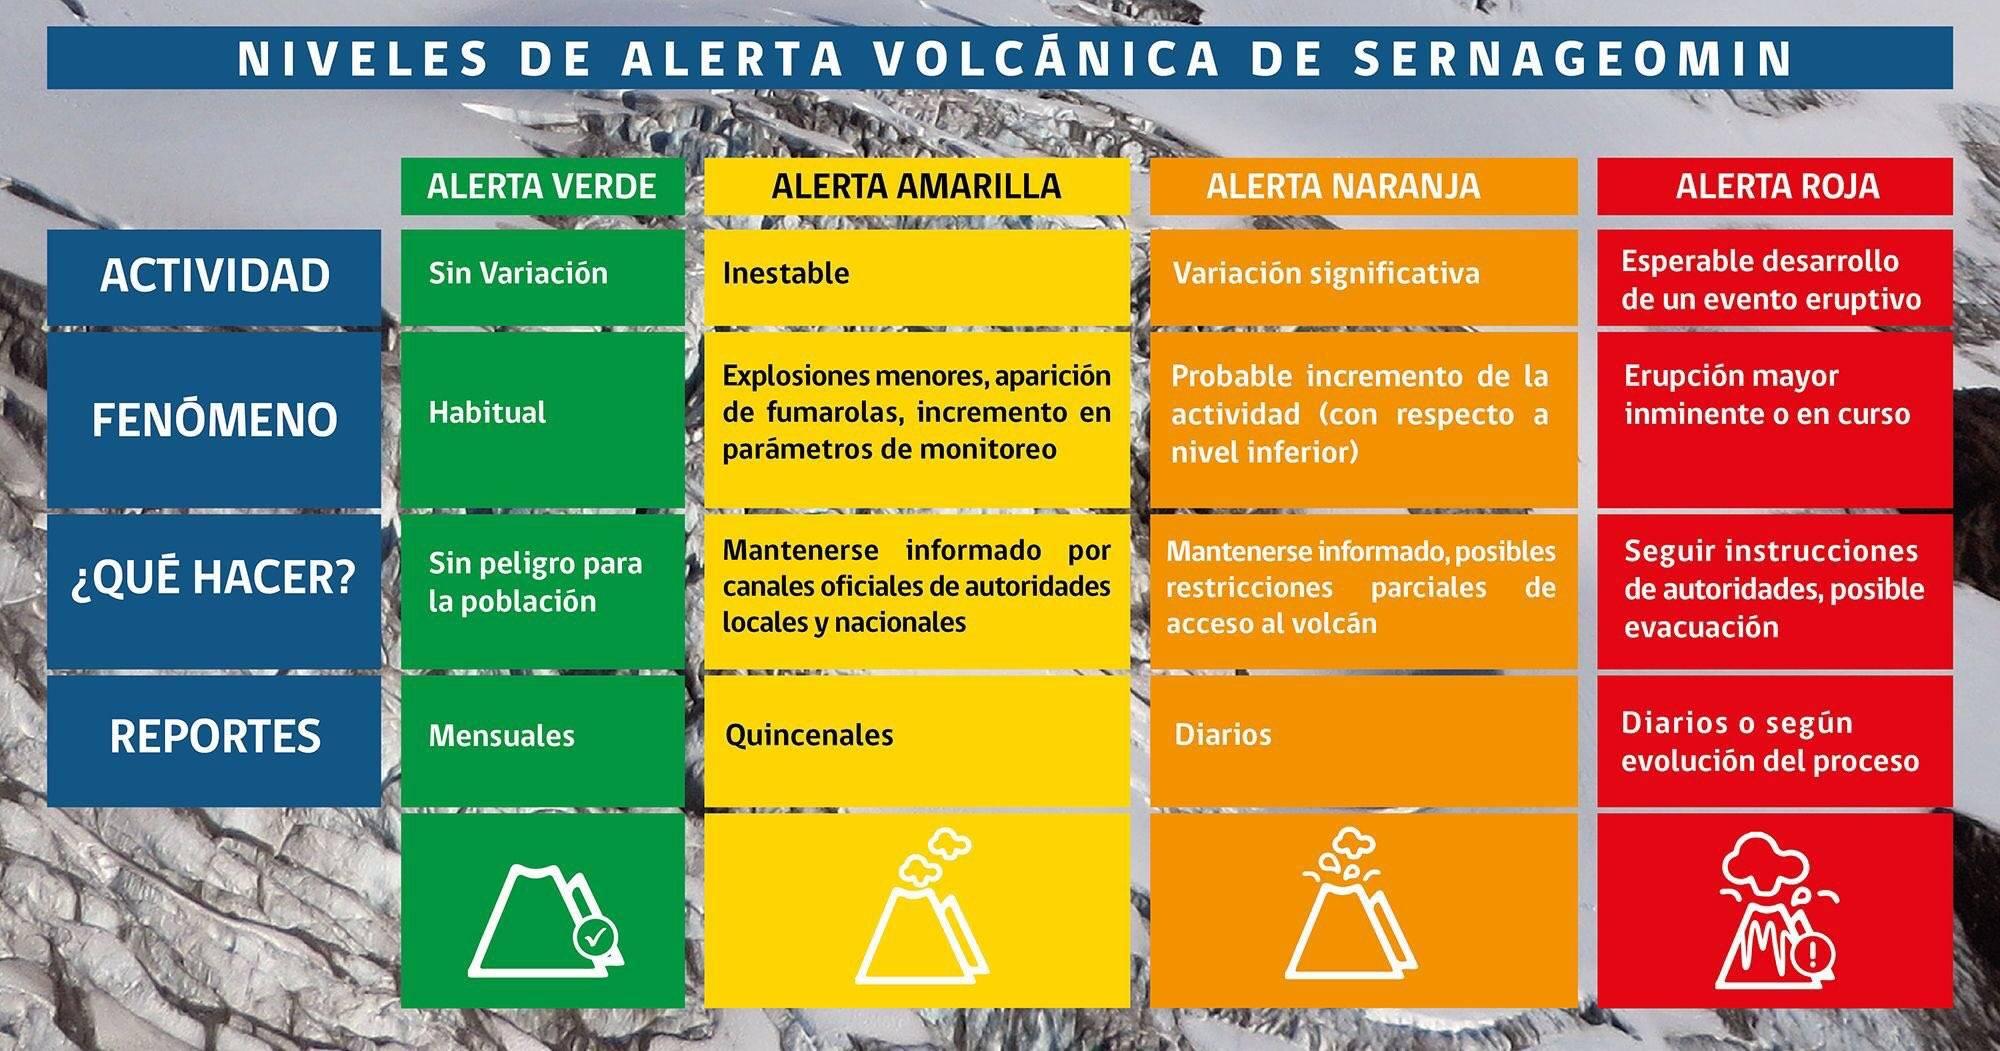 Se registran más de 100 sismos en el sector del volcán Lonquimay